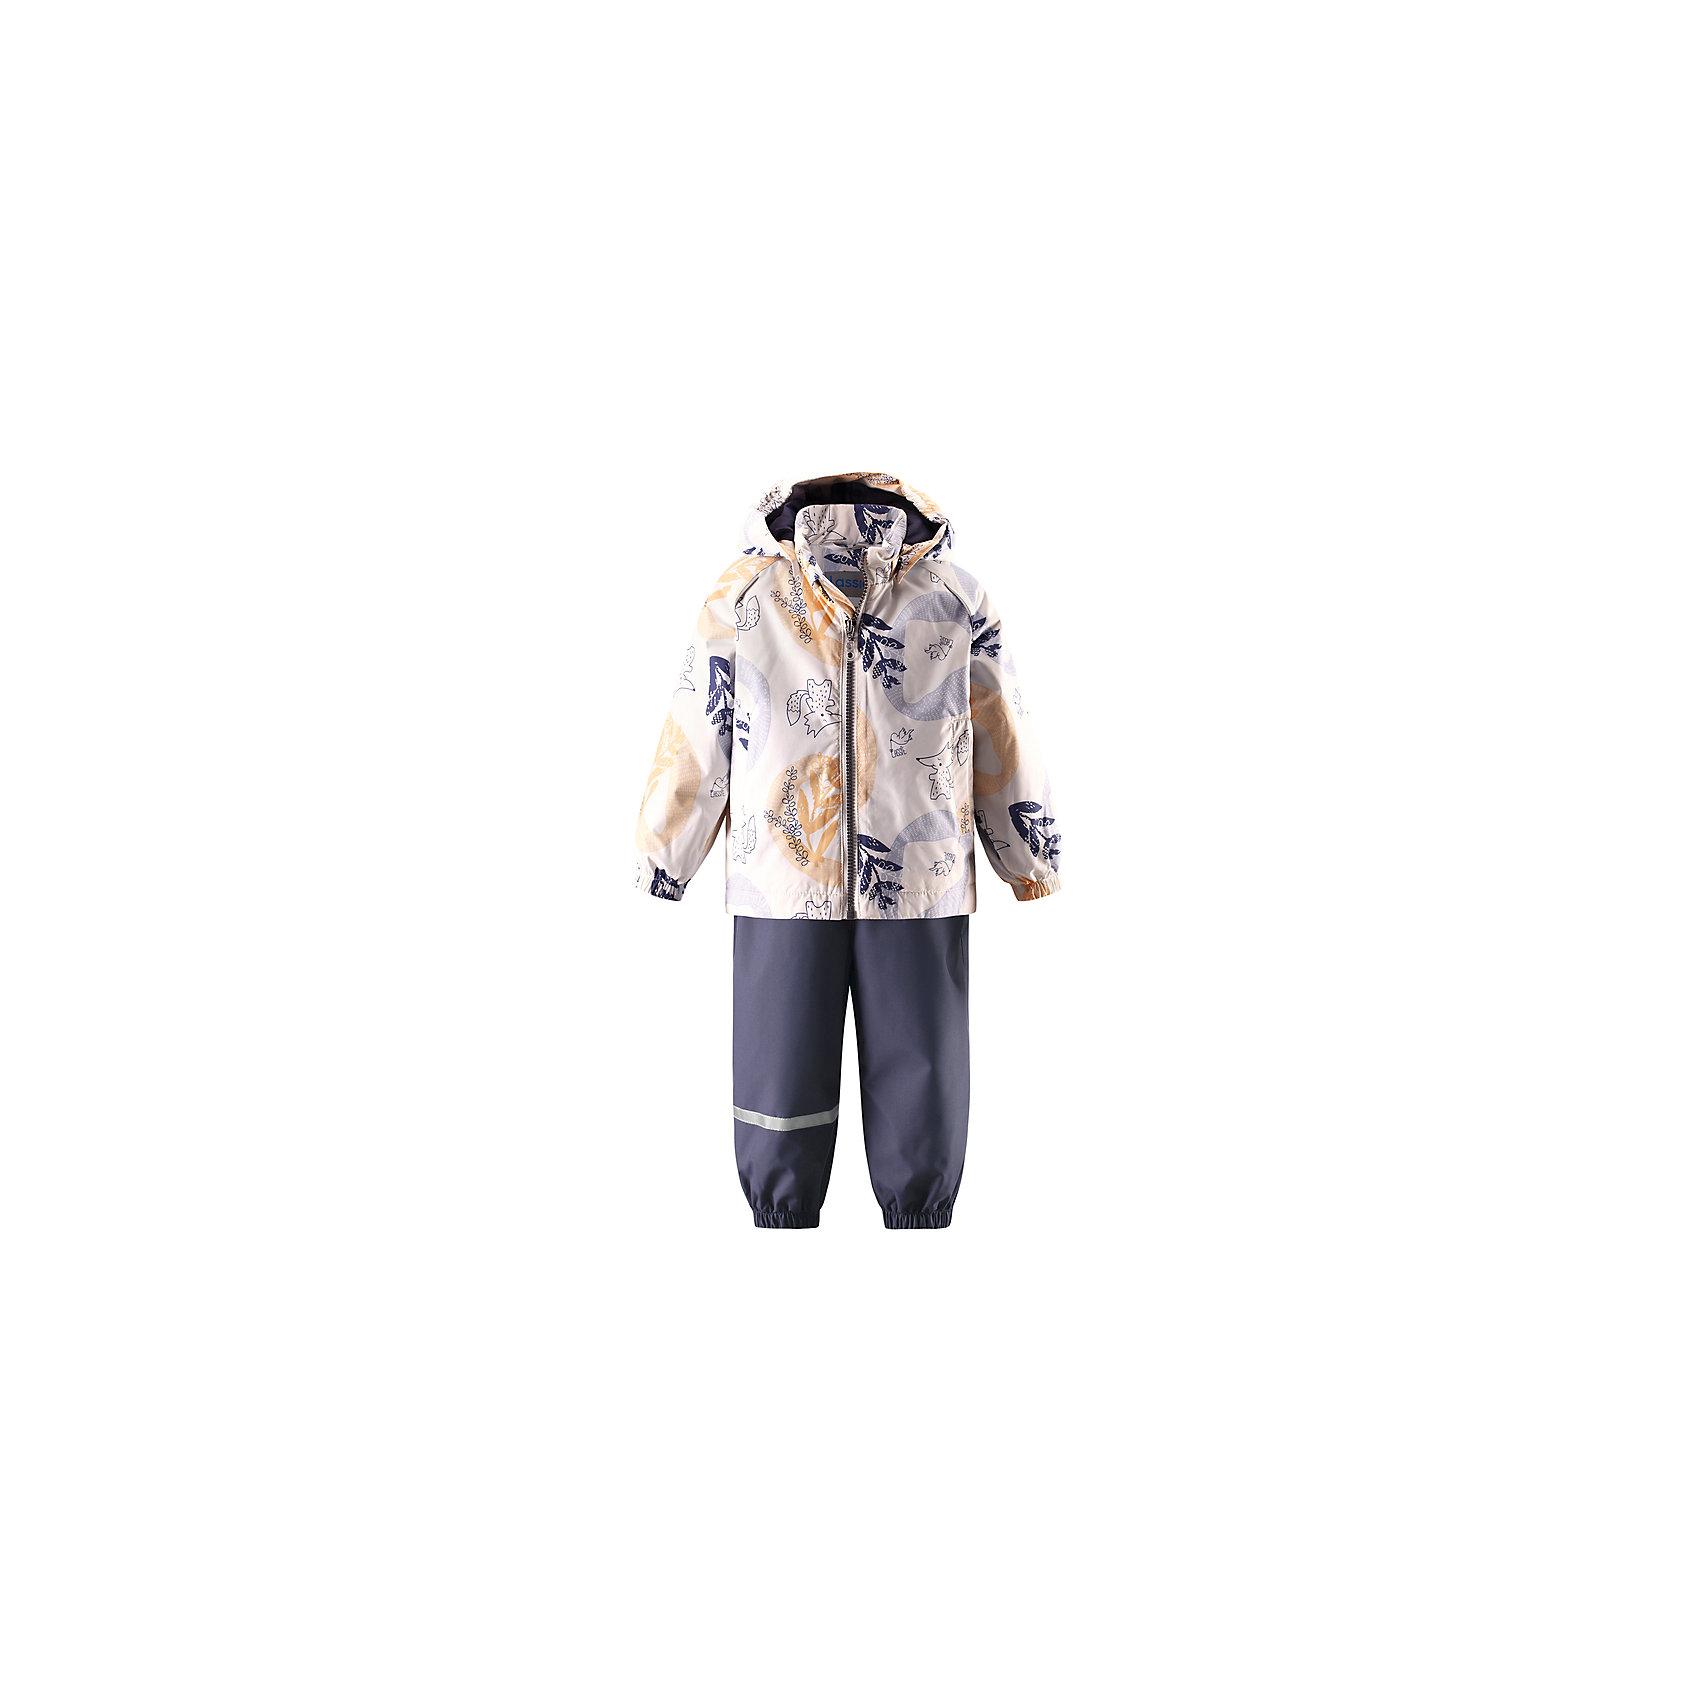 Комплект LASSIEВерхняя одежда<br>Характеристики товара:<br><br>• цвет: молочный/серый<br>• состав: 100% полиэстер, полиуретановое покрытие<br>• водоотталкивающий, ветронепроницаемый и «дышащий» материал<br>• состав: 100% полиэстер, мембрана 100% полиуретан.<br>• водонепроницаемость: 1000 мм<br>• сопротивление трению: 20000 циклов (тест Мартиндейла).<br>• легкий утеплитель: 80 гр/м2<br>• комплектация: куртка, штаны<br>• съемные штрипки<br>• подкладка: гладкий полиэстер<br>• съемный капюшон<br>• два прорезных кармана<br>• эластичные подтяжки регулируются<br>• эластичные манжеты и штанины<br>• обхват талии регулируется<br>• светоотражающие детали<br>• комфортная посадка<br>• страна производства: Китай<br>• страна бренда: Финляндия<br>• коллекция: весна-лето 2017<br><br>Демисезонный комплект из куртки и штанов поможет обеспечить ребенку комфорт и тепло. Предметы отлично смотрятся с различной одеждой. Комплект удобно сидит и модно выглядит. Материал - водоотталкивающий, ветронепроницаемый и «дышащий». Продуманный крой разрабатывался специально для детей.<br><br>Обувь и одежда от финского бренда LASSIE by Reima пользуются популярностью во многих странах. Они стильные, качественные и удобные. Для производства продукции используются только безопасные, проверенные материалы и фурнитура. Порадуйте ребенка модными и красивыми вещами от Lassie®! <br><br>Комплект от финского бренда LASSIE by Reima можно купить в нашем интернет-магазине.<br><br>Ширина мм: 190<br>Глубина мм: 74<br>Высота мм: 229<br>Вес г: 236<br>Цвет: белый<br>Возраст от месяцев: 18<br>Возраст до месяцев: 24<br>Пол: Унисекс<br>Возраст: Детский<br>Размер: 92,86,80,98,74<br>SKU: 5264830